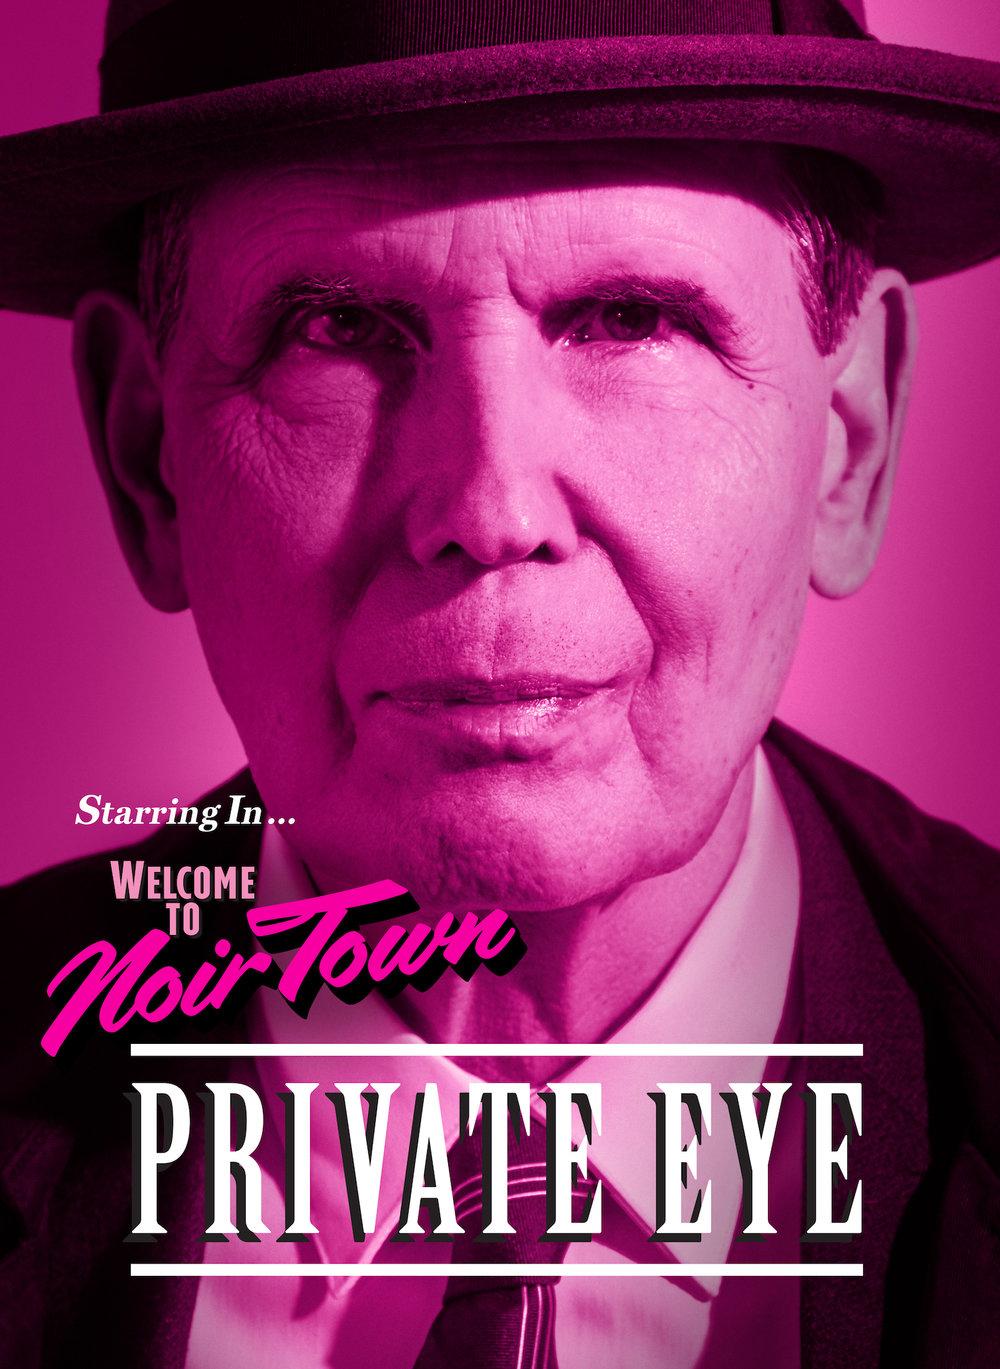 FULL PRIVATE EYE.jpg